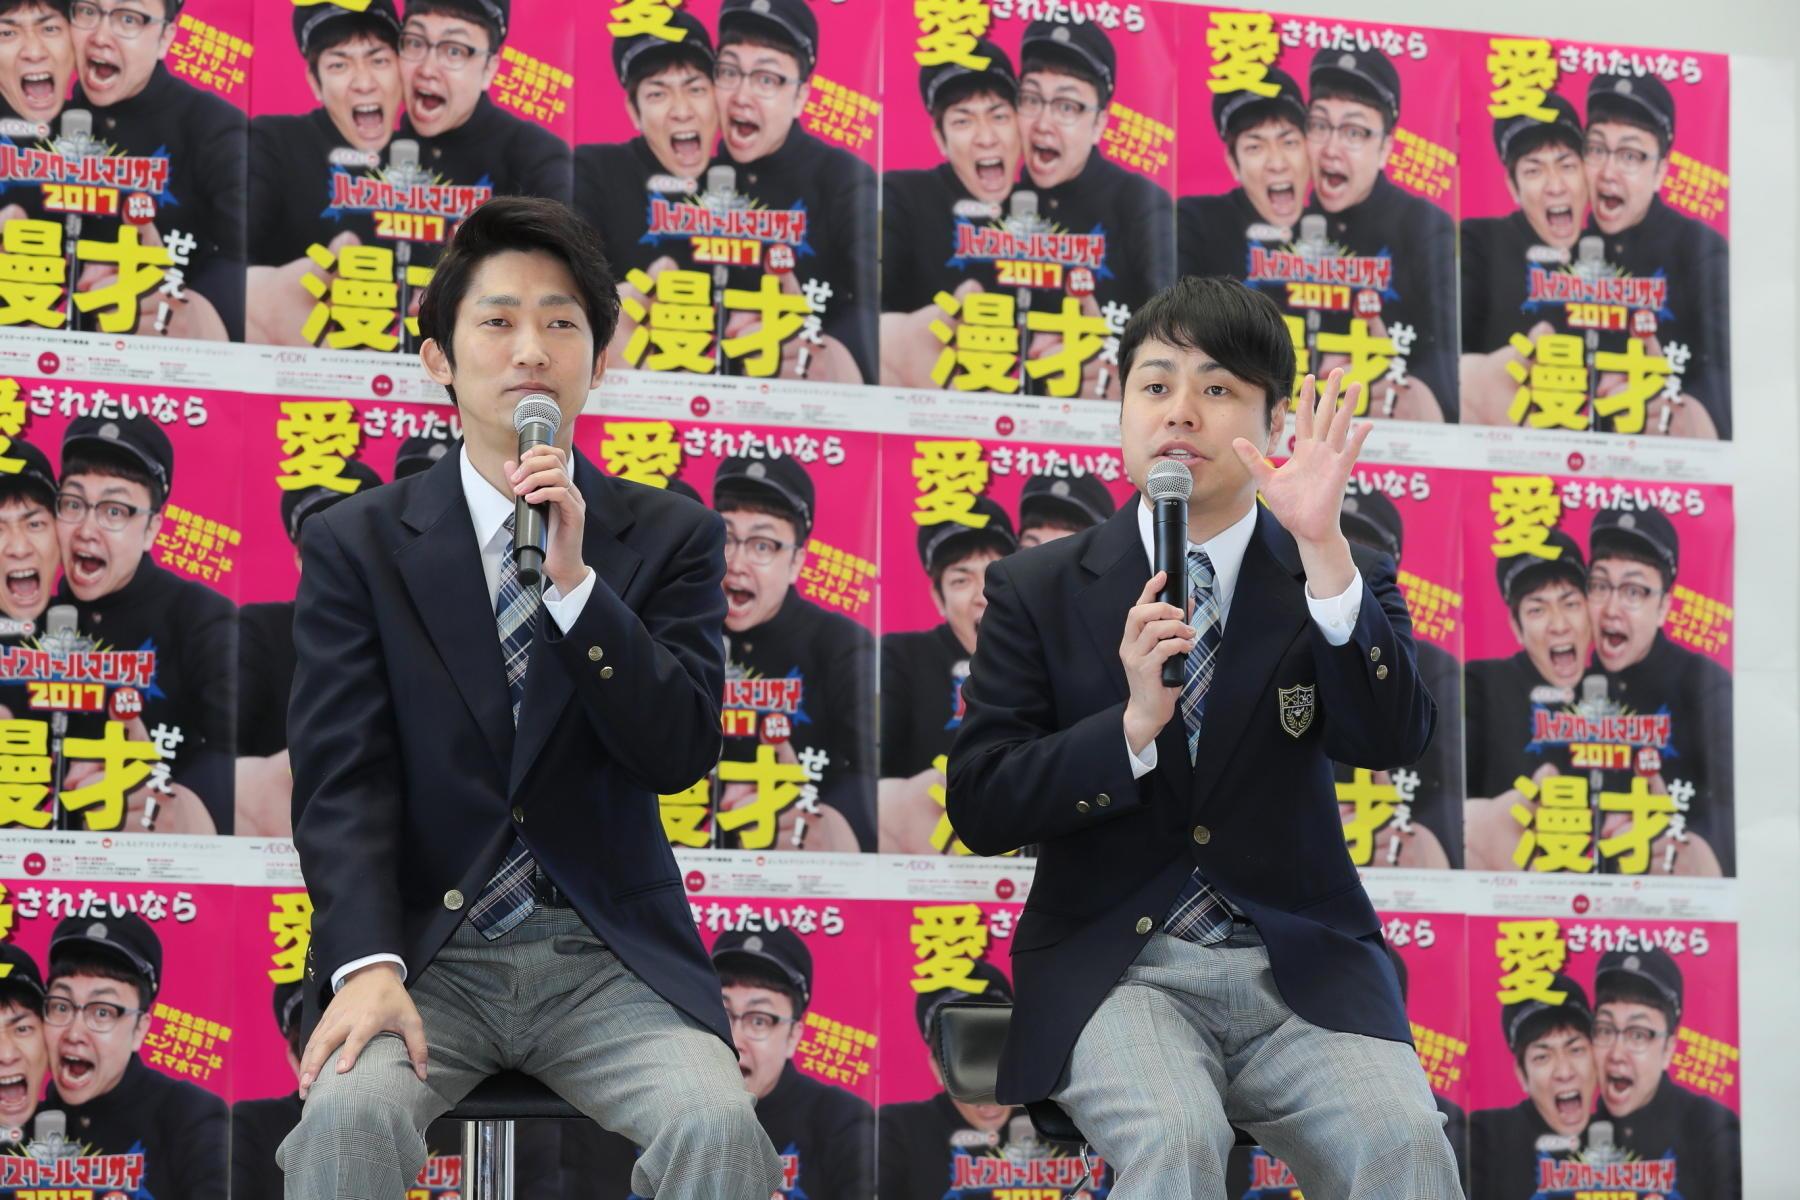 http://news.yoshimoto.co.jp/20170413154330-64735972945d5aa8ad782f497f1f679a68abe9d8.jpg